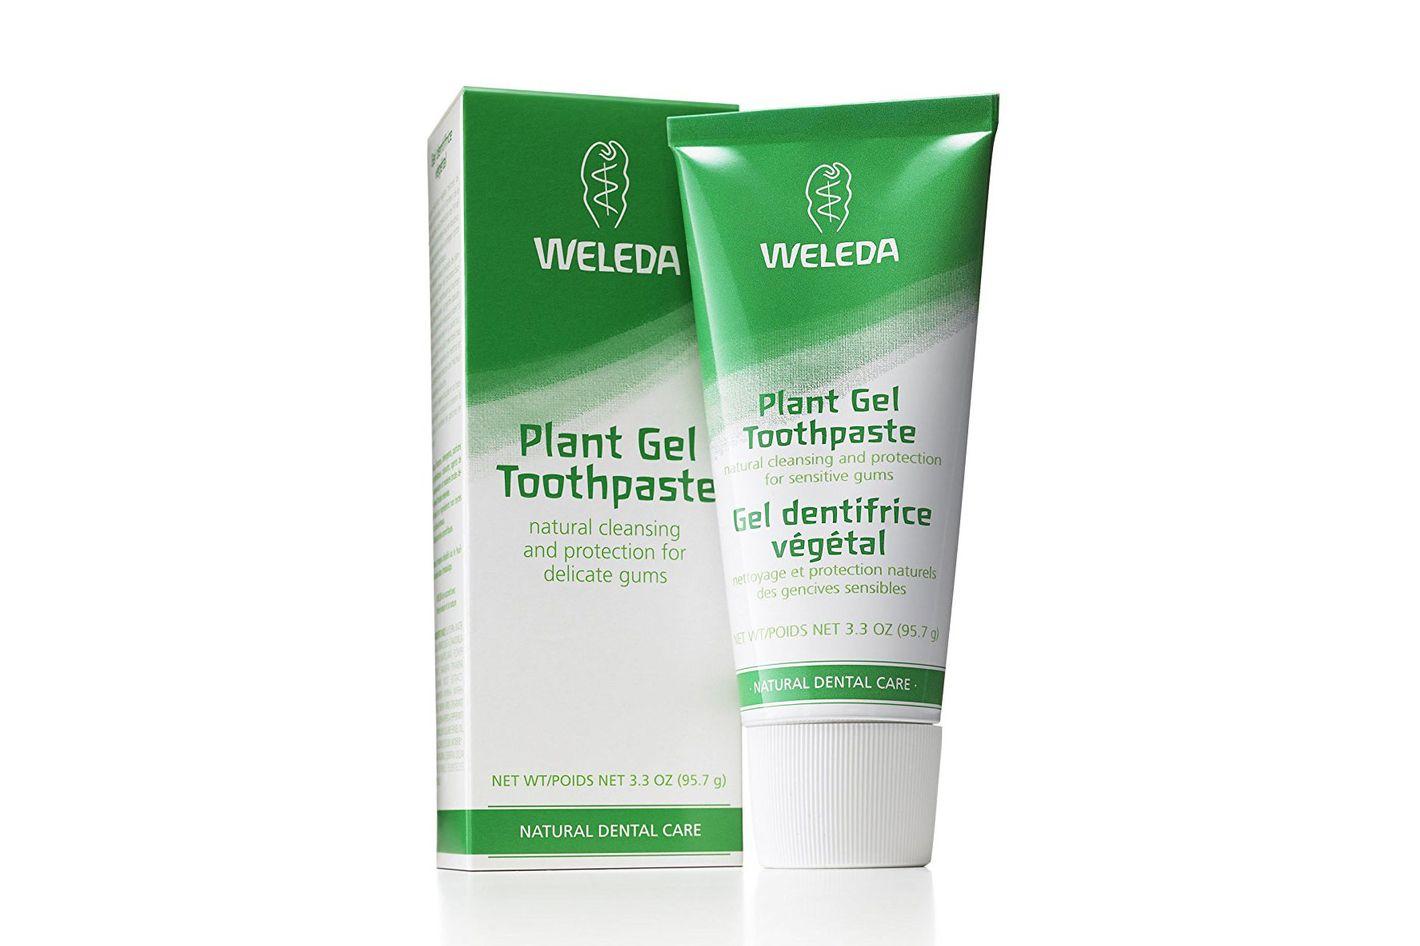 Weleda Plant Gel Toothpaste, 2-Pack